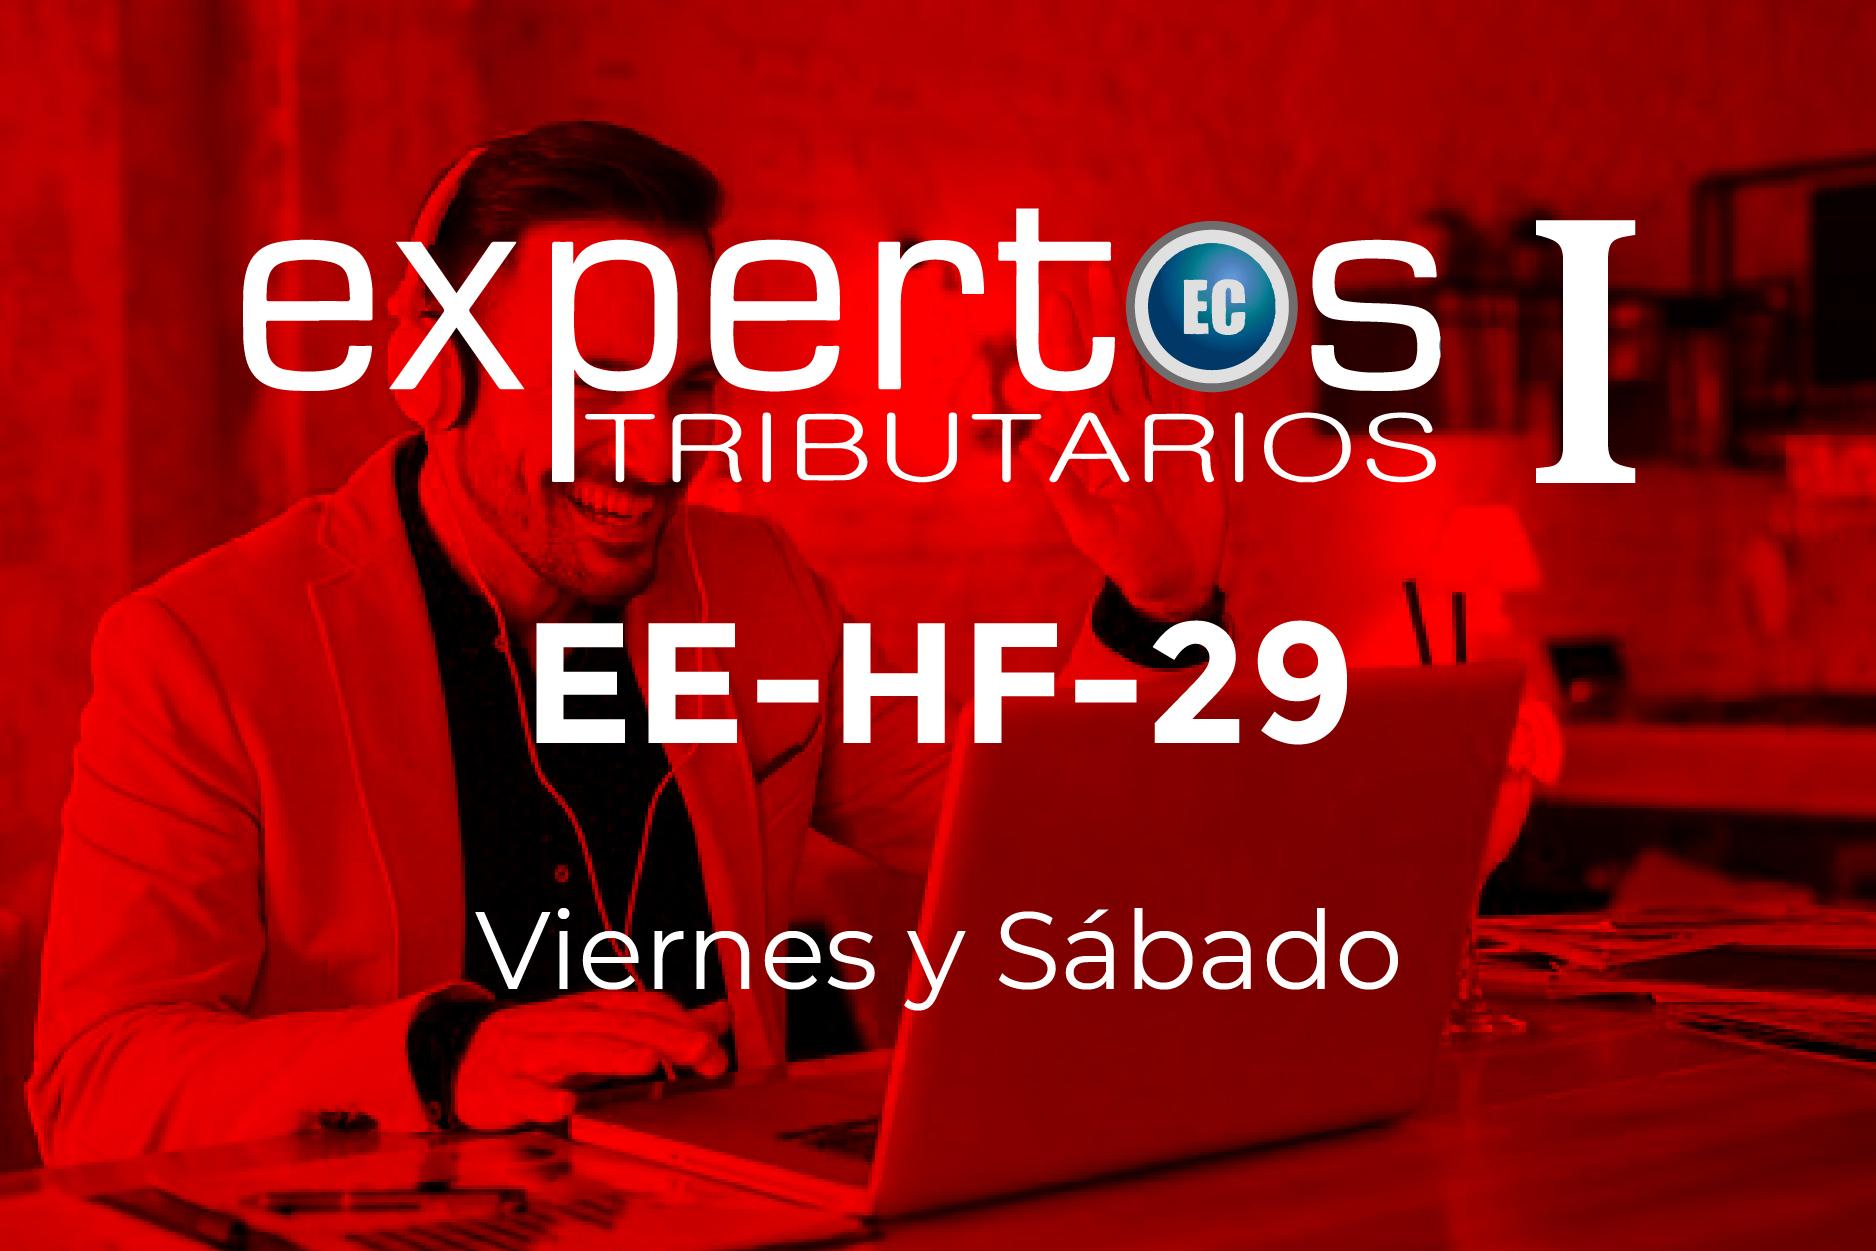 29 - EXPERTOS TRIBUTARIOS - VIERNES Y SÁBADO